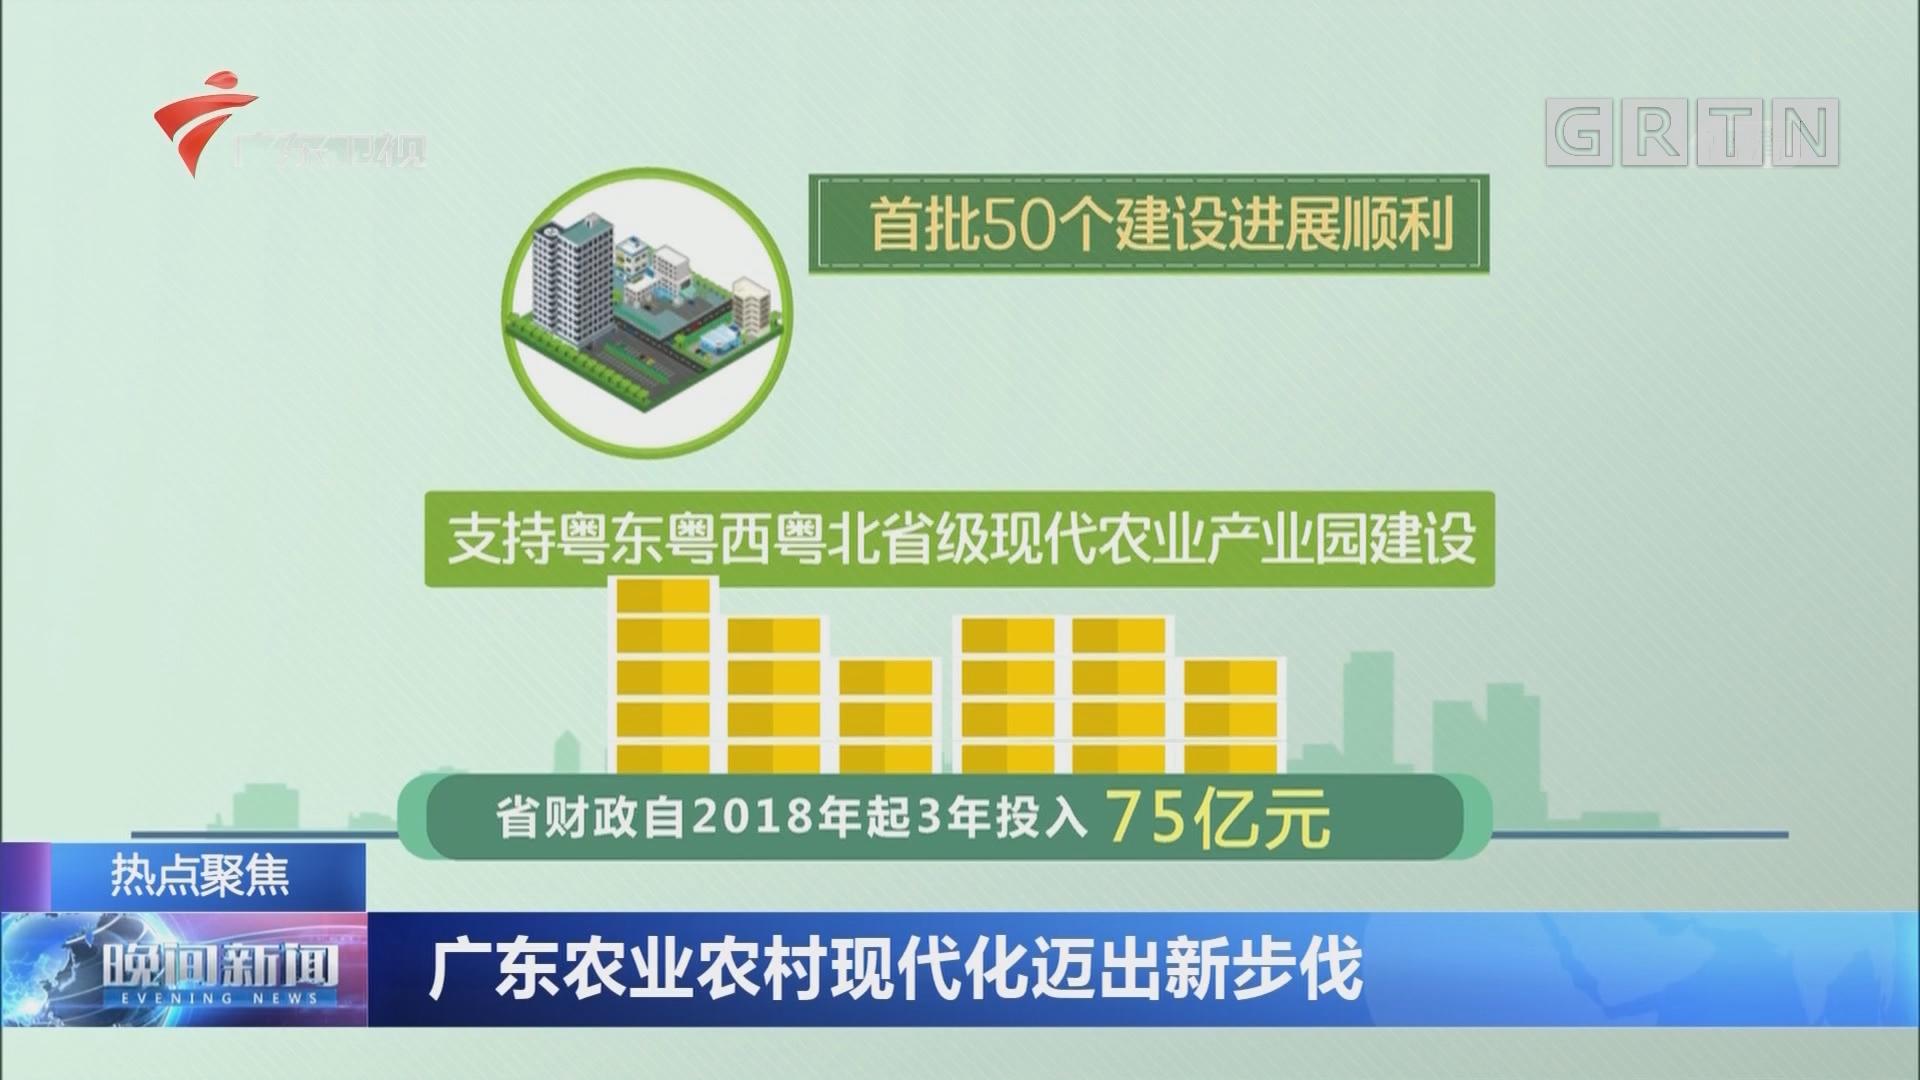 广东农业农村现代化迈出新步伐